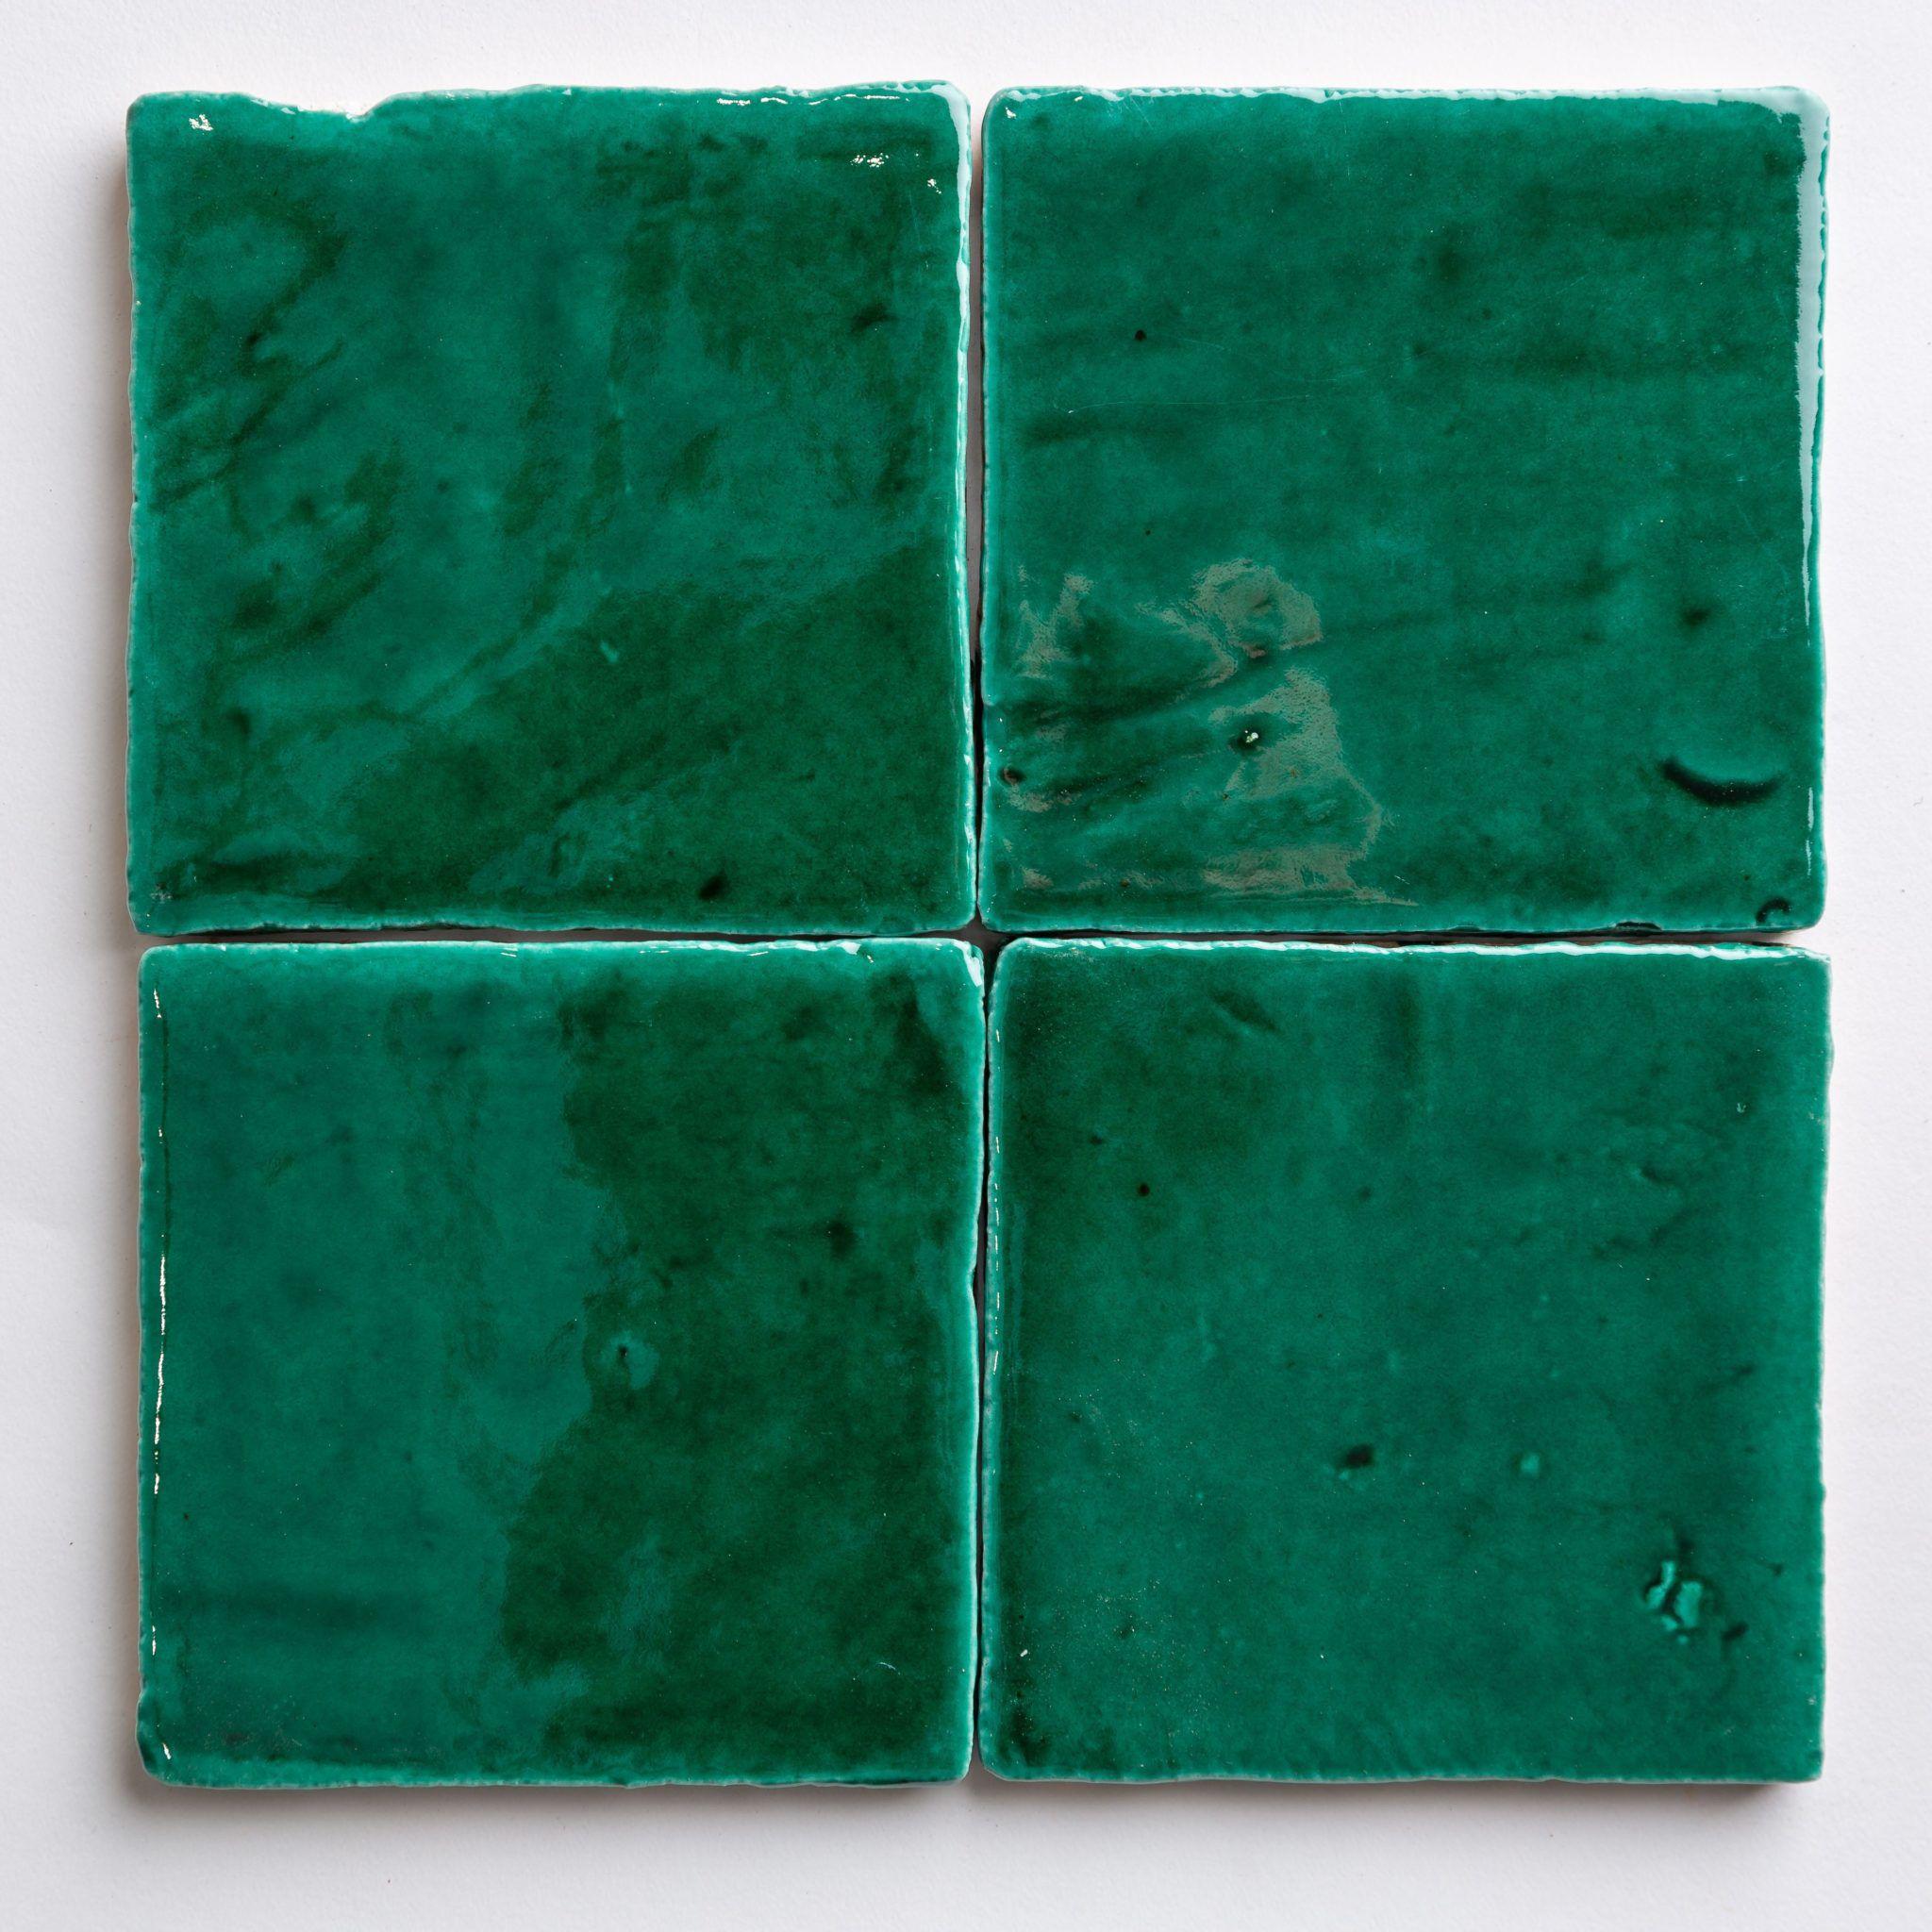 verde-swatch